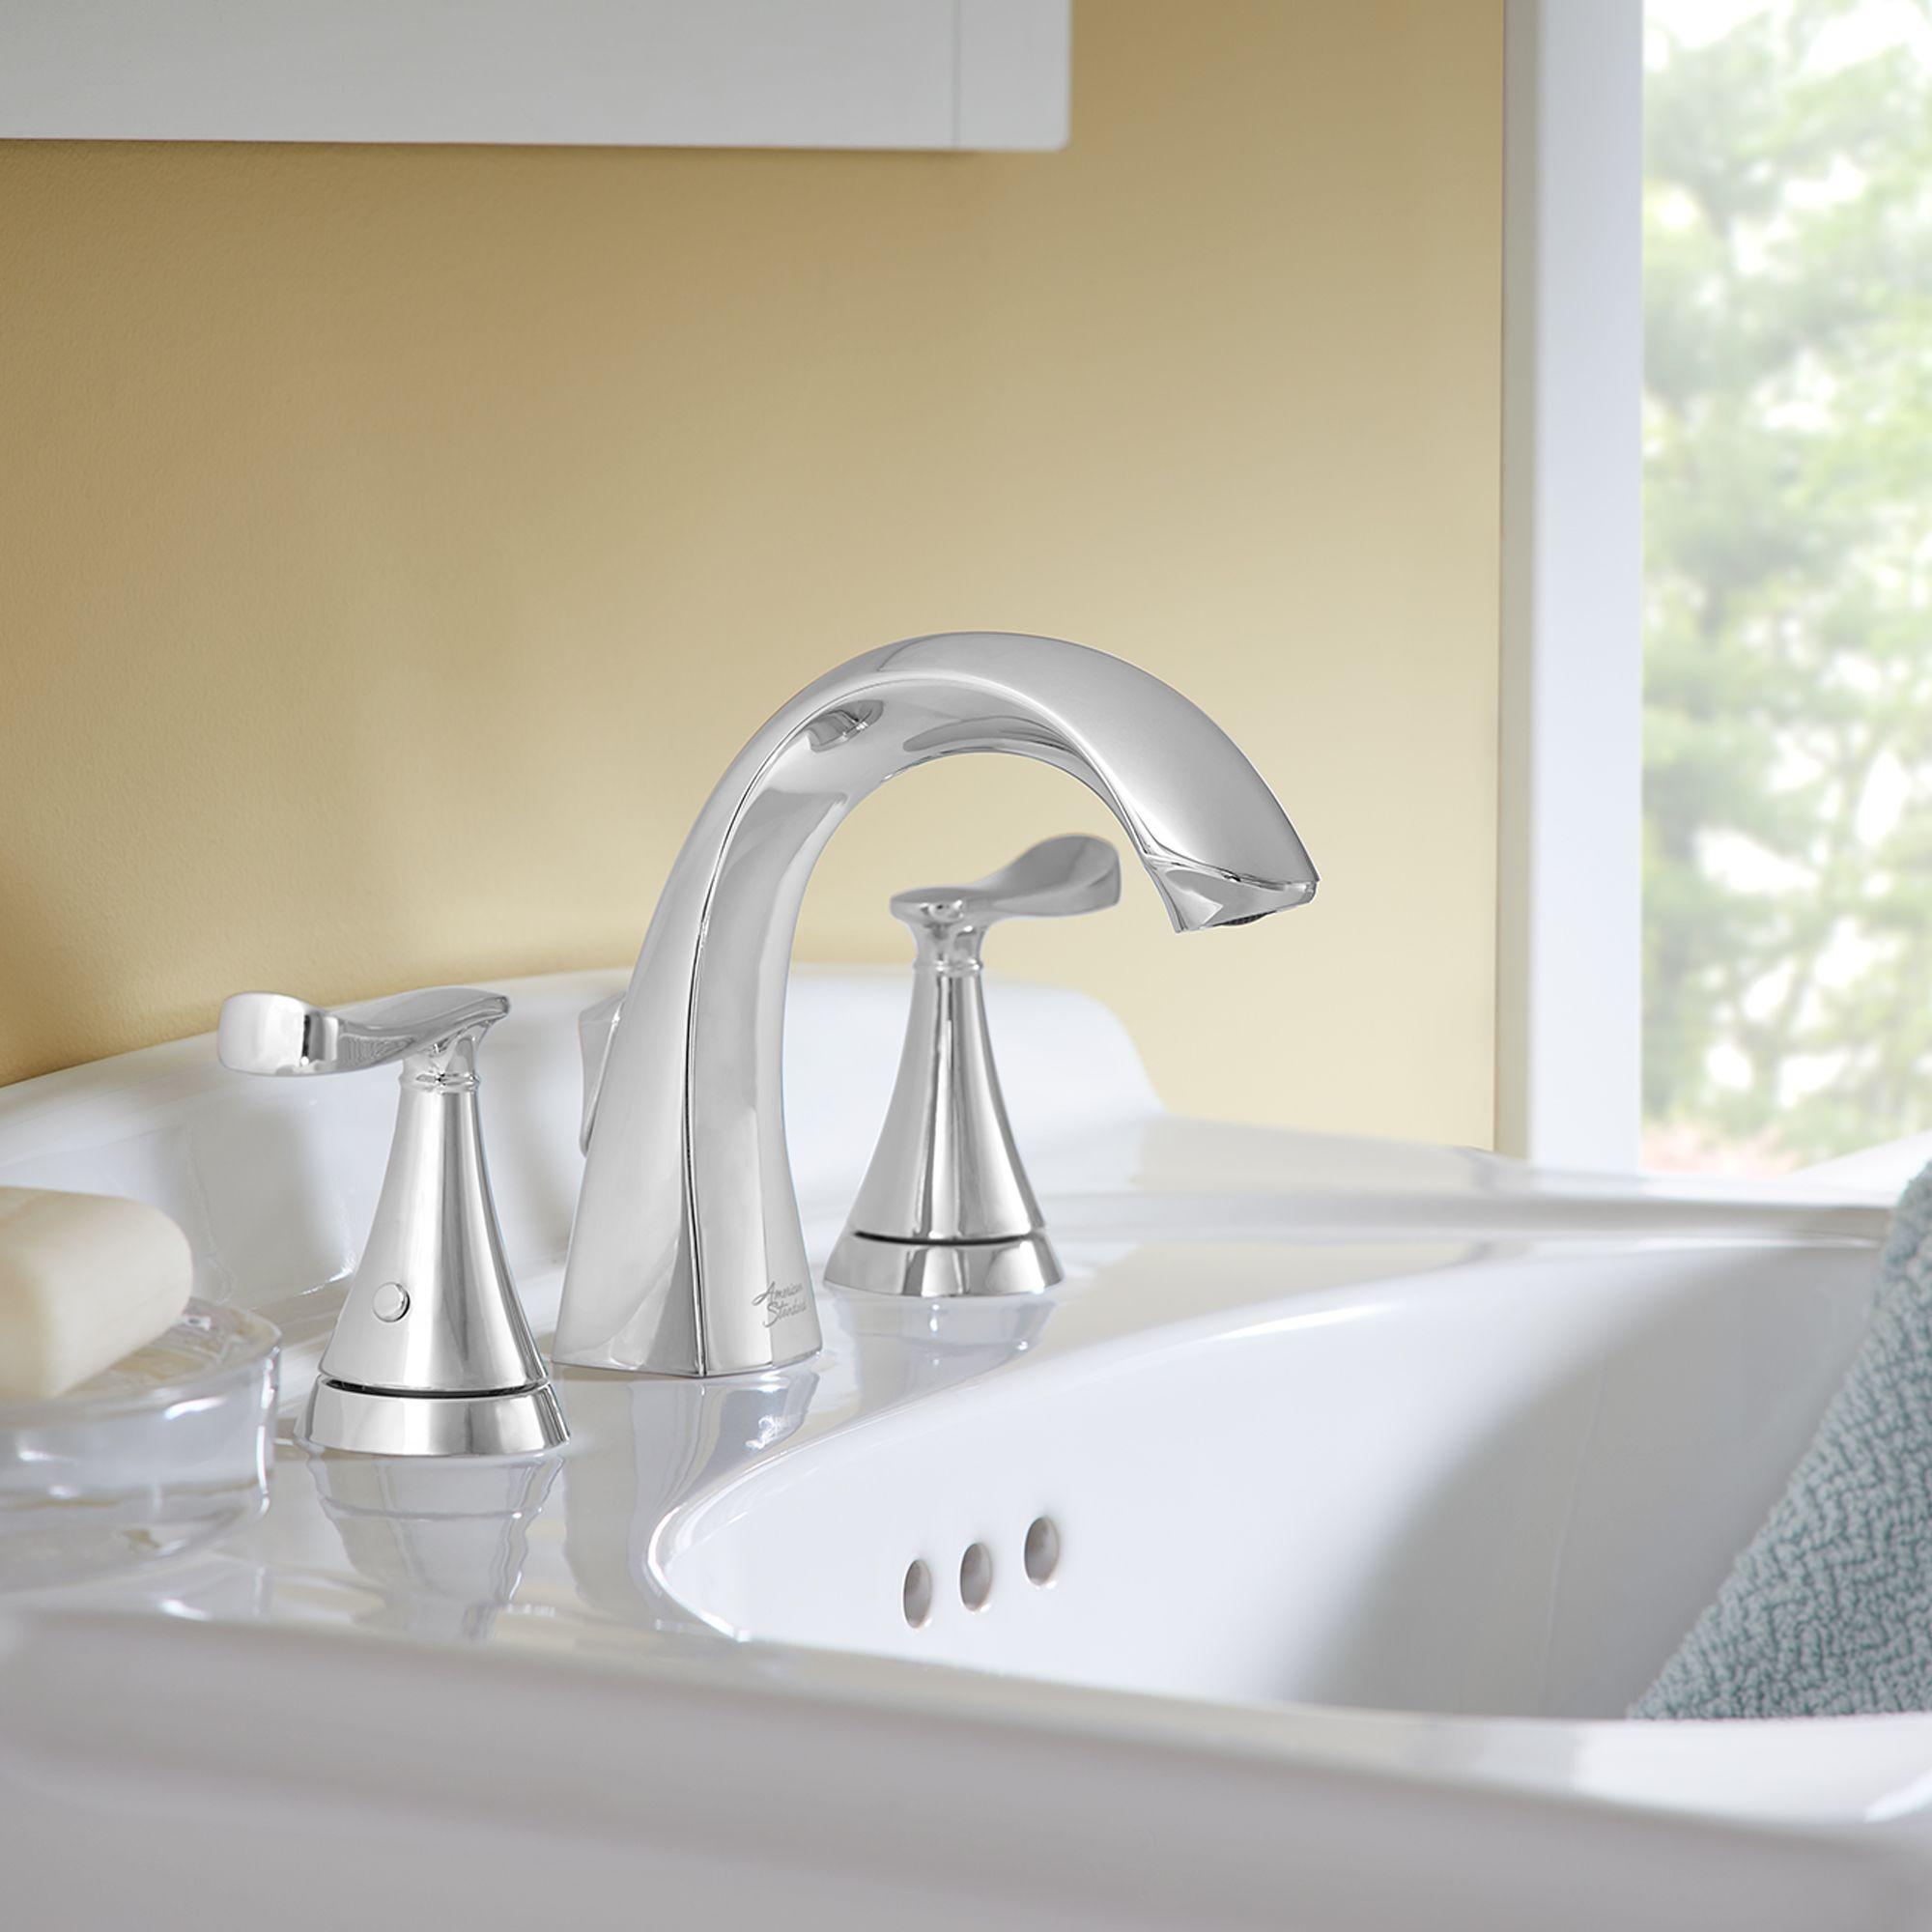 Chatfield 2 Handle Widespread Bathroom Faucet American Standard Sink Faucets Bathroom Sink Faucets Bathroom Faucets